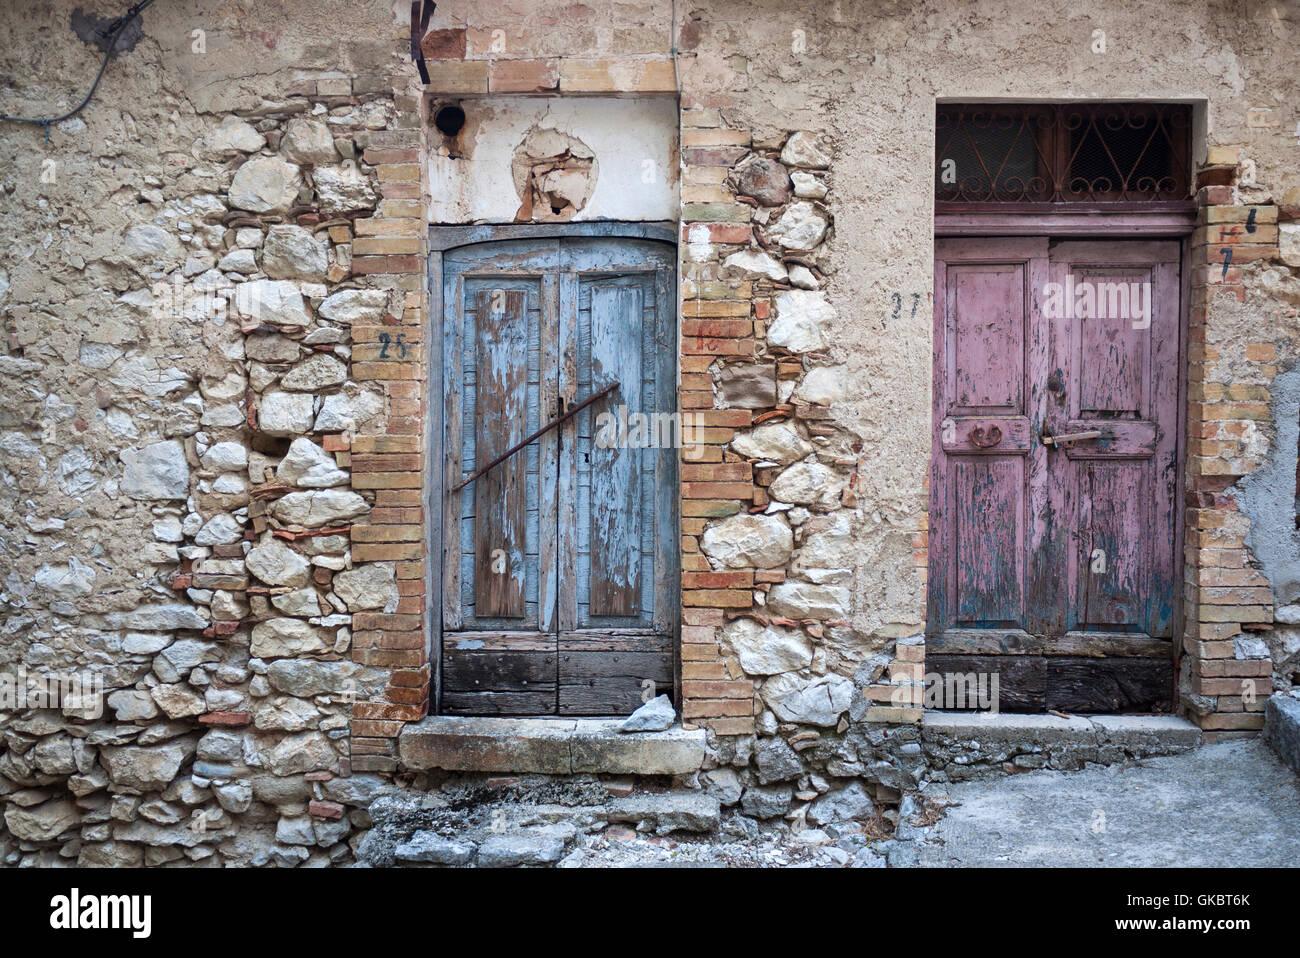 Vecchie porte in legno a Corvara, Abruzzo, Italia. Immagini Stock